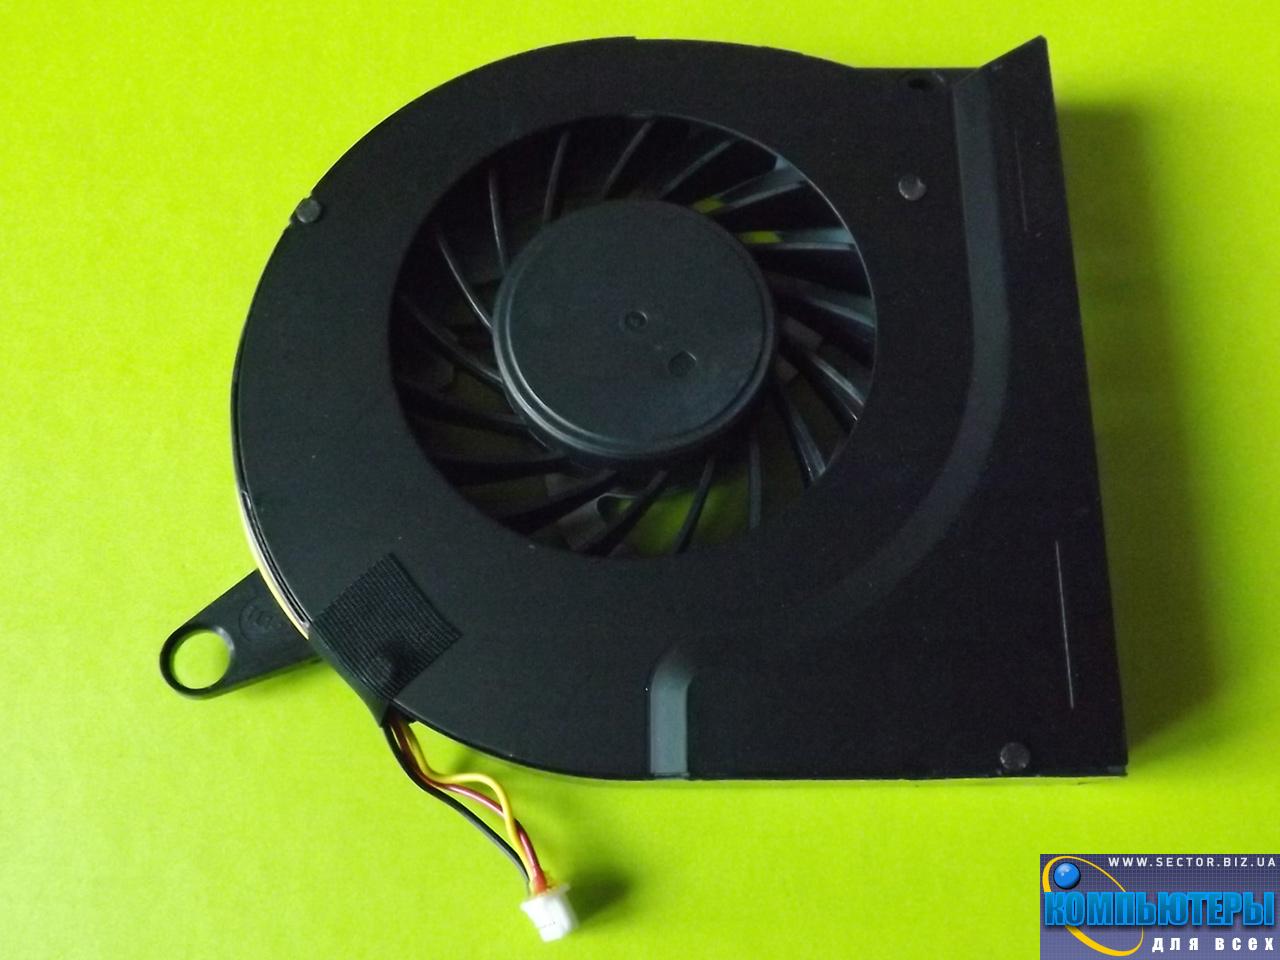 Кулер к ноутбуку Acer Aspire V3-731 V3-731G V3-771 V3-771G p/n: DFS551205ML0T FBC7. Фото № 1.